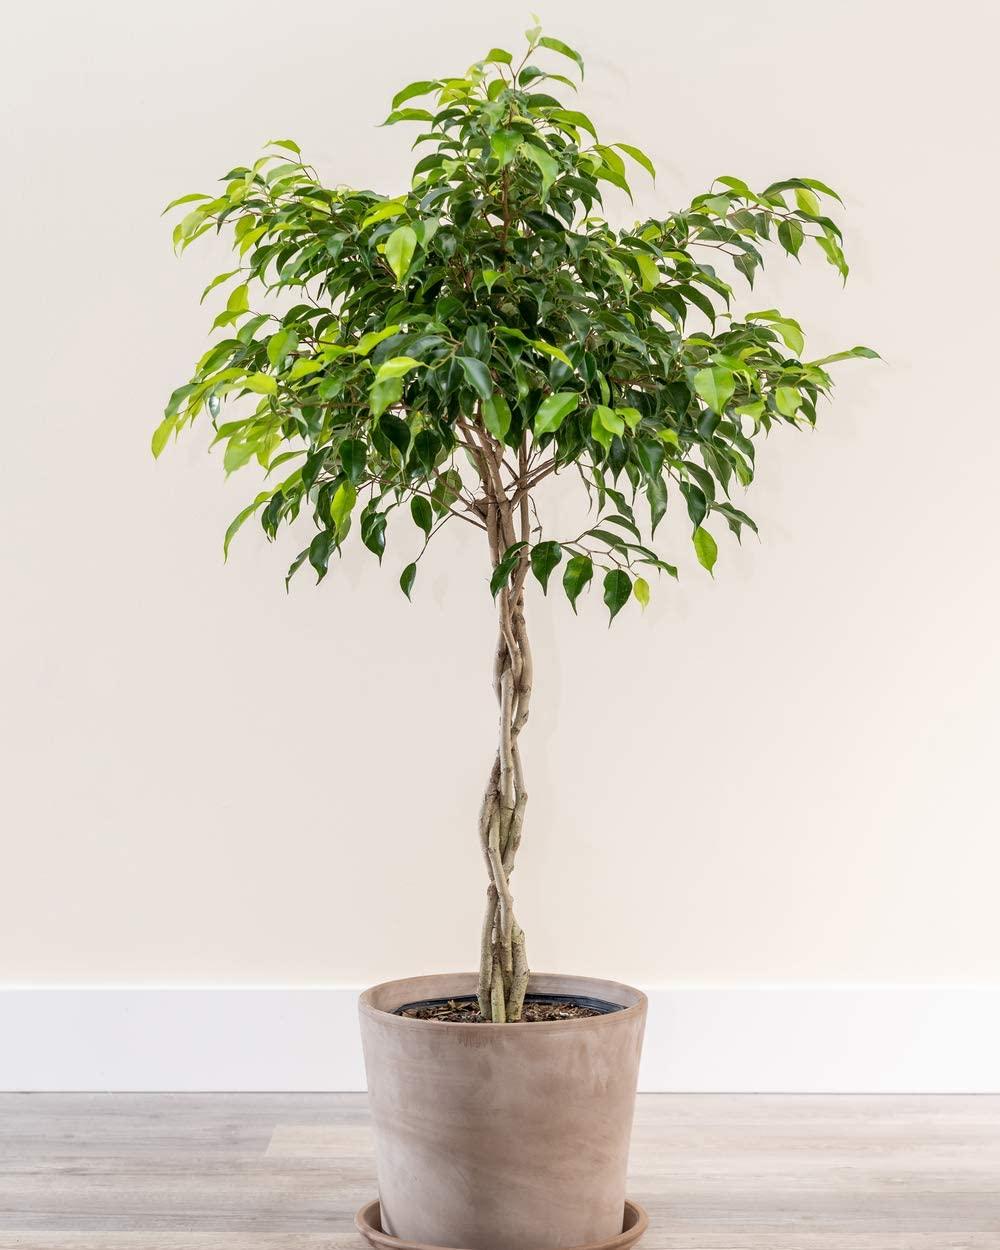 piante-poca-acqua-4